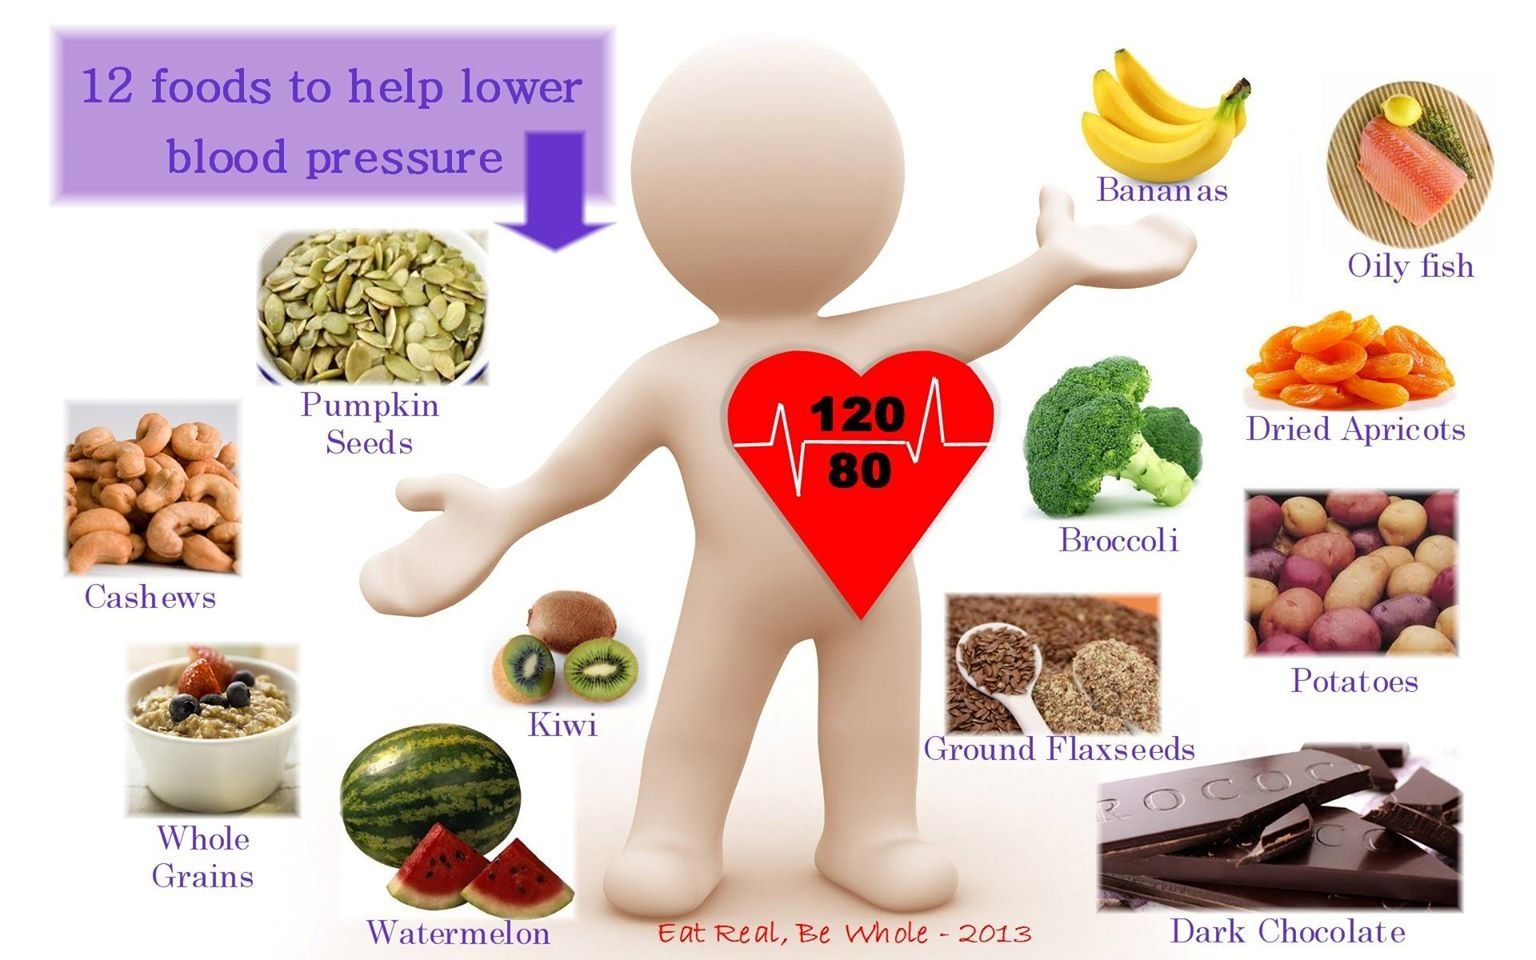 12 foods to help lower blood pressure | high blood pressure